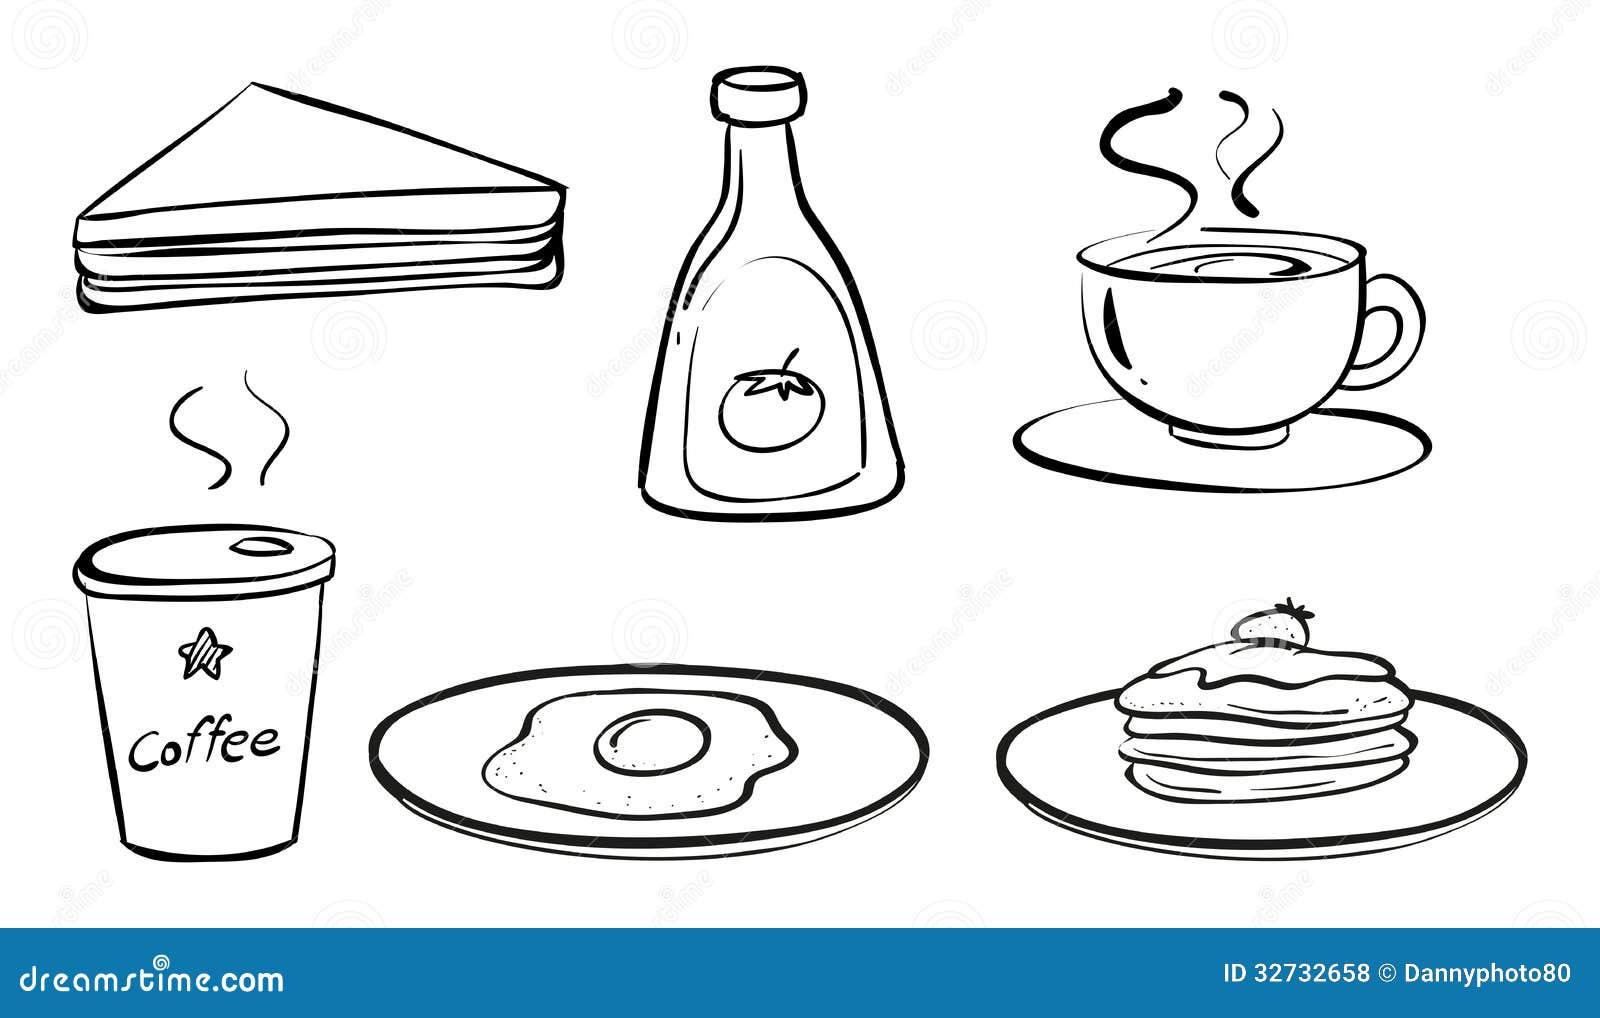 Pistas Para Identificar Las Buenas Panaderías: 食物和饮料早餐 向量例证. 插画 包括有